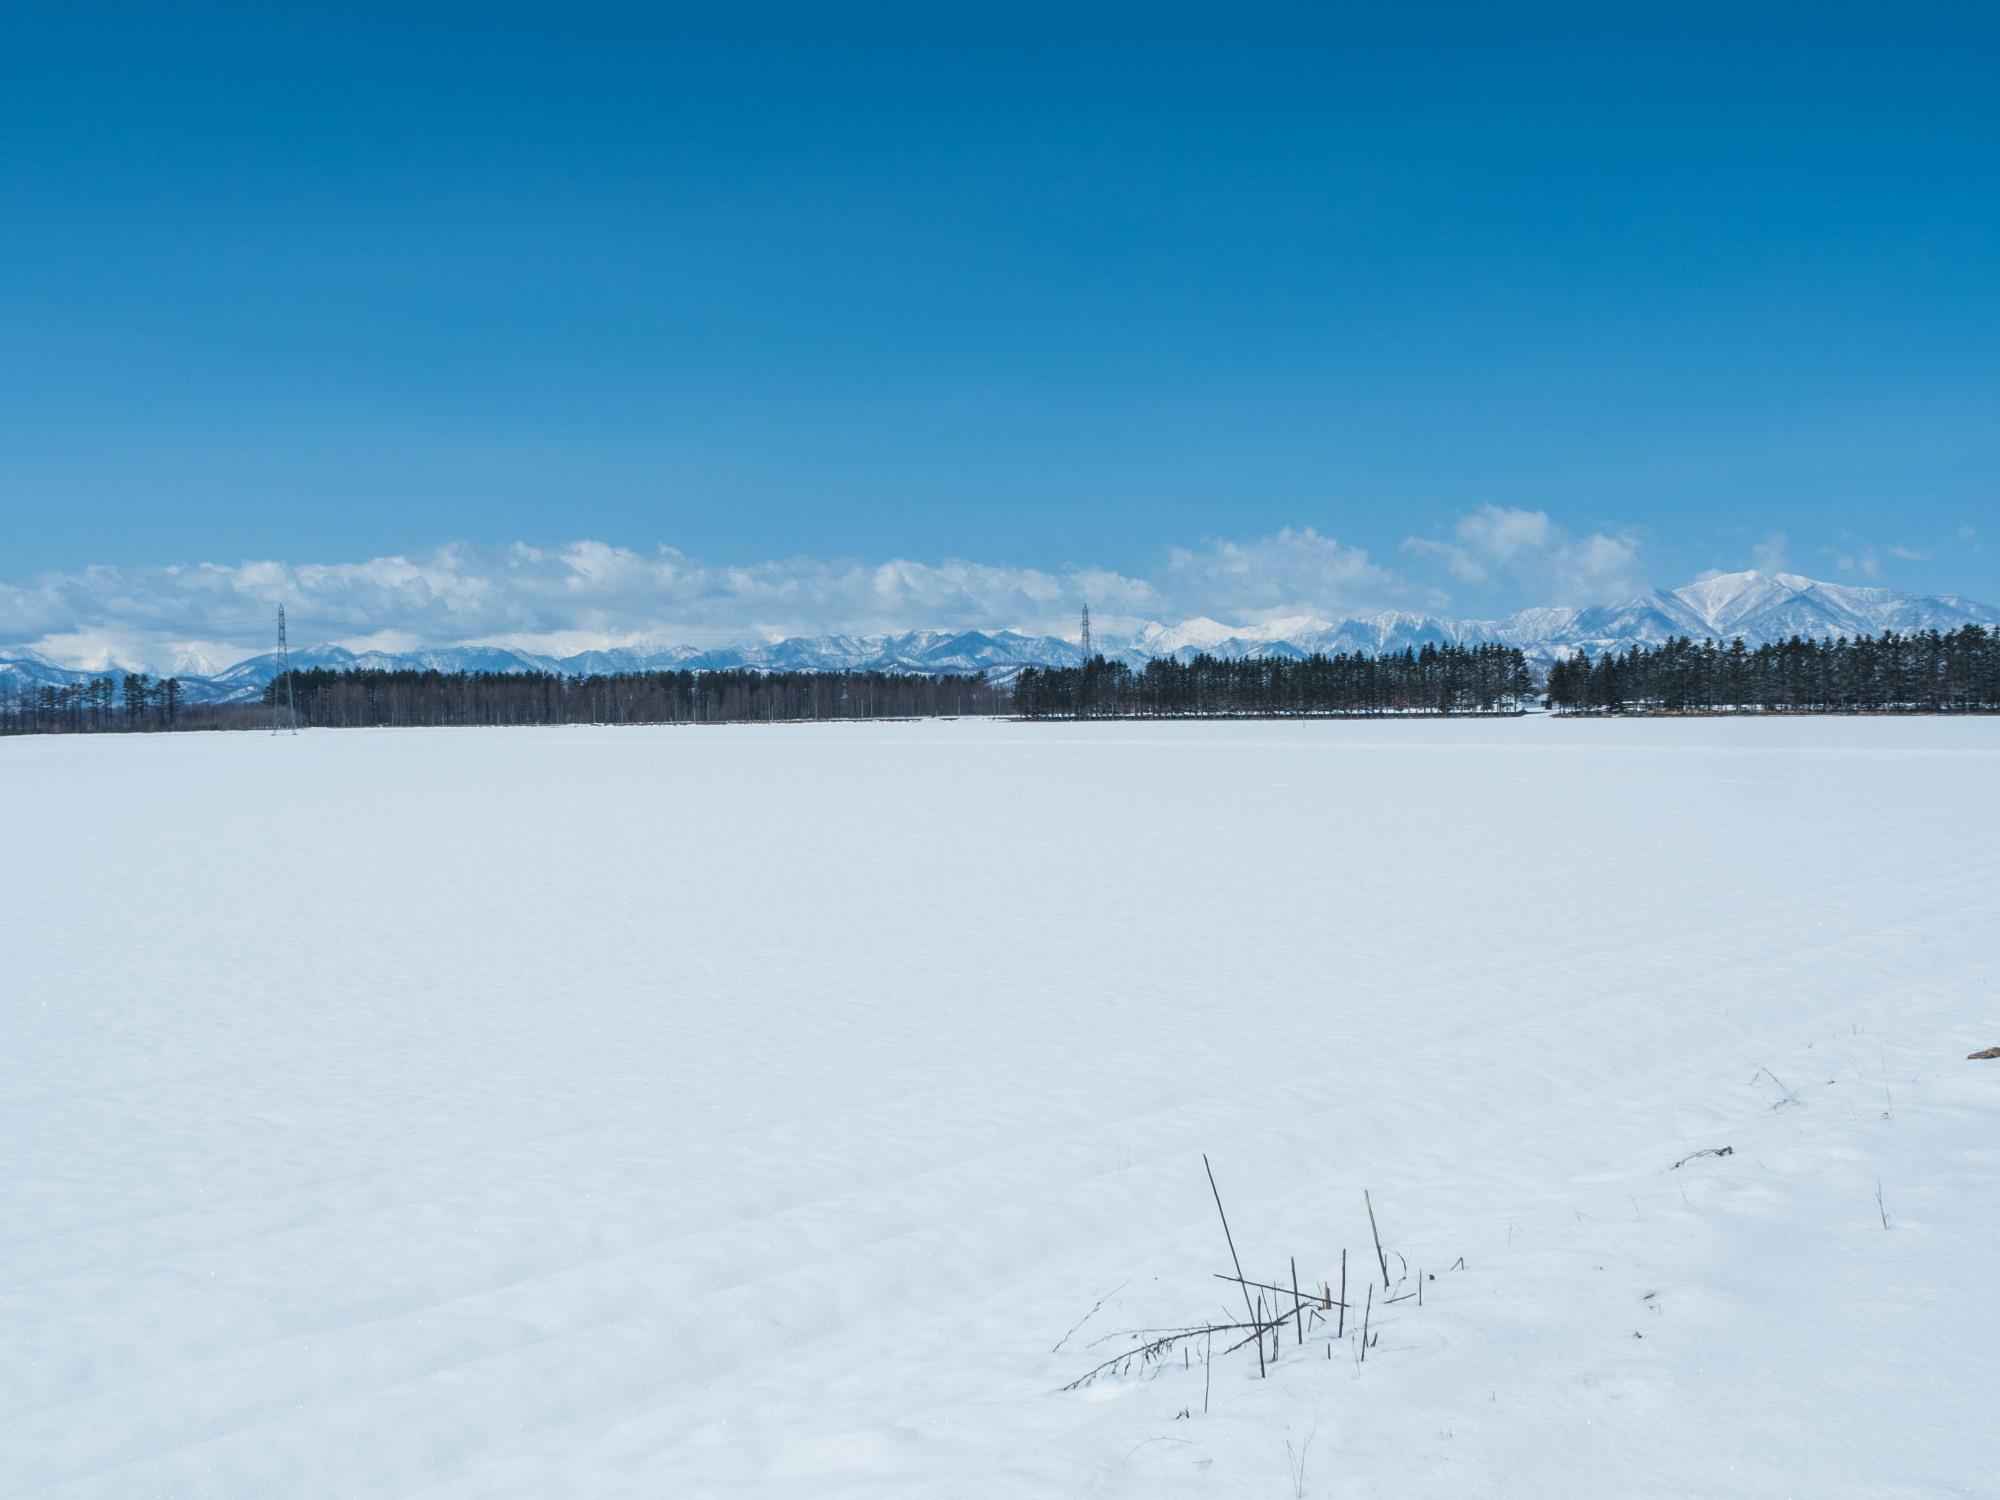 4月中旬ですが・・2夜連続積雪で畑はすっかり雪景色。_f0276498_22414570.jpg